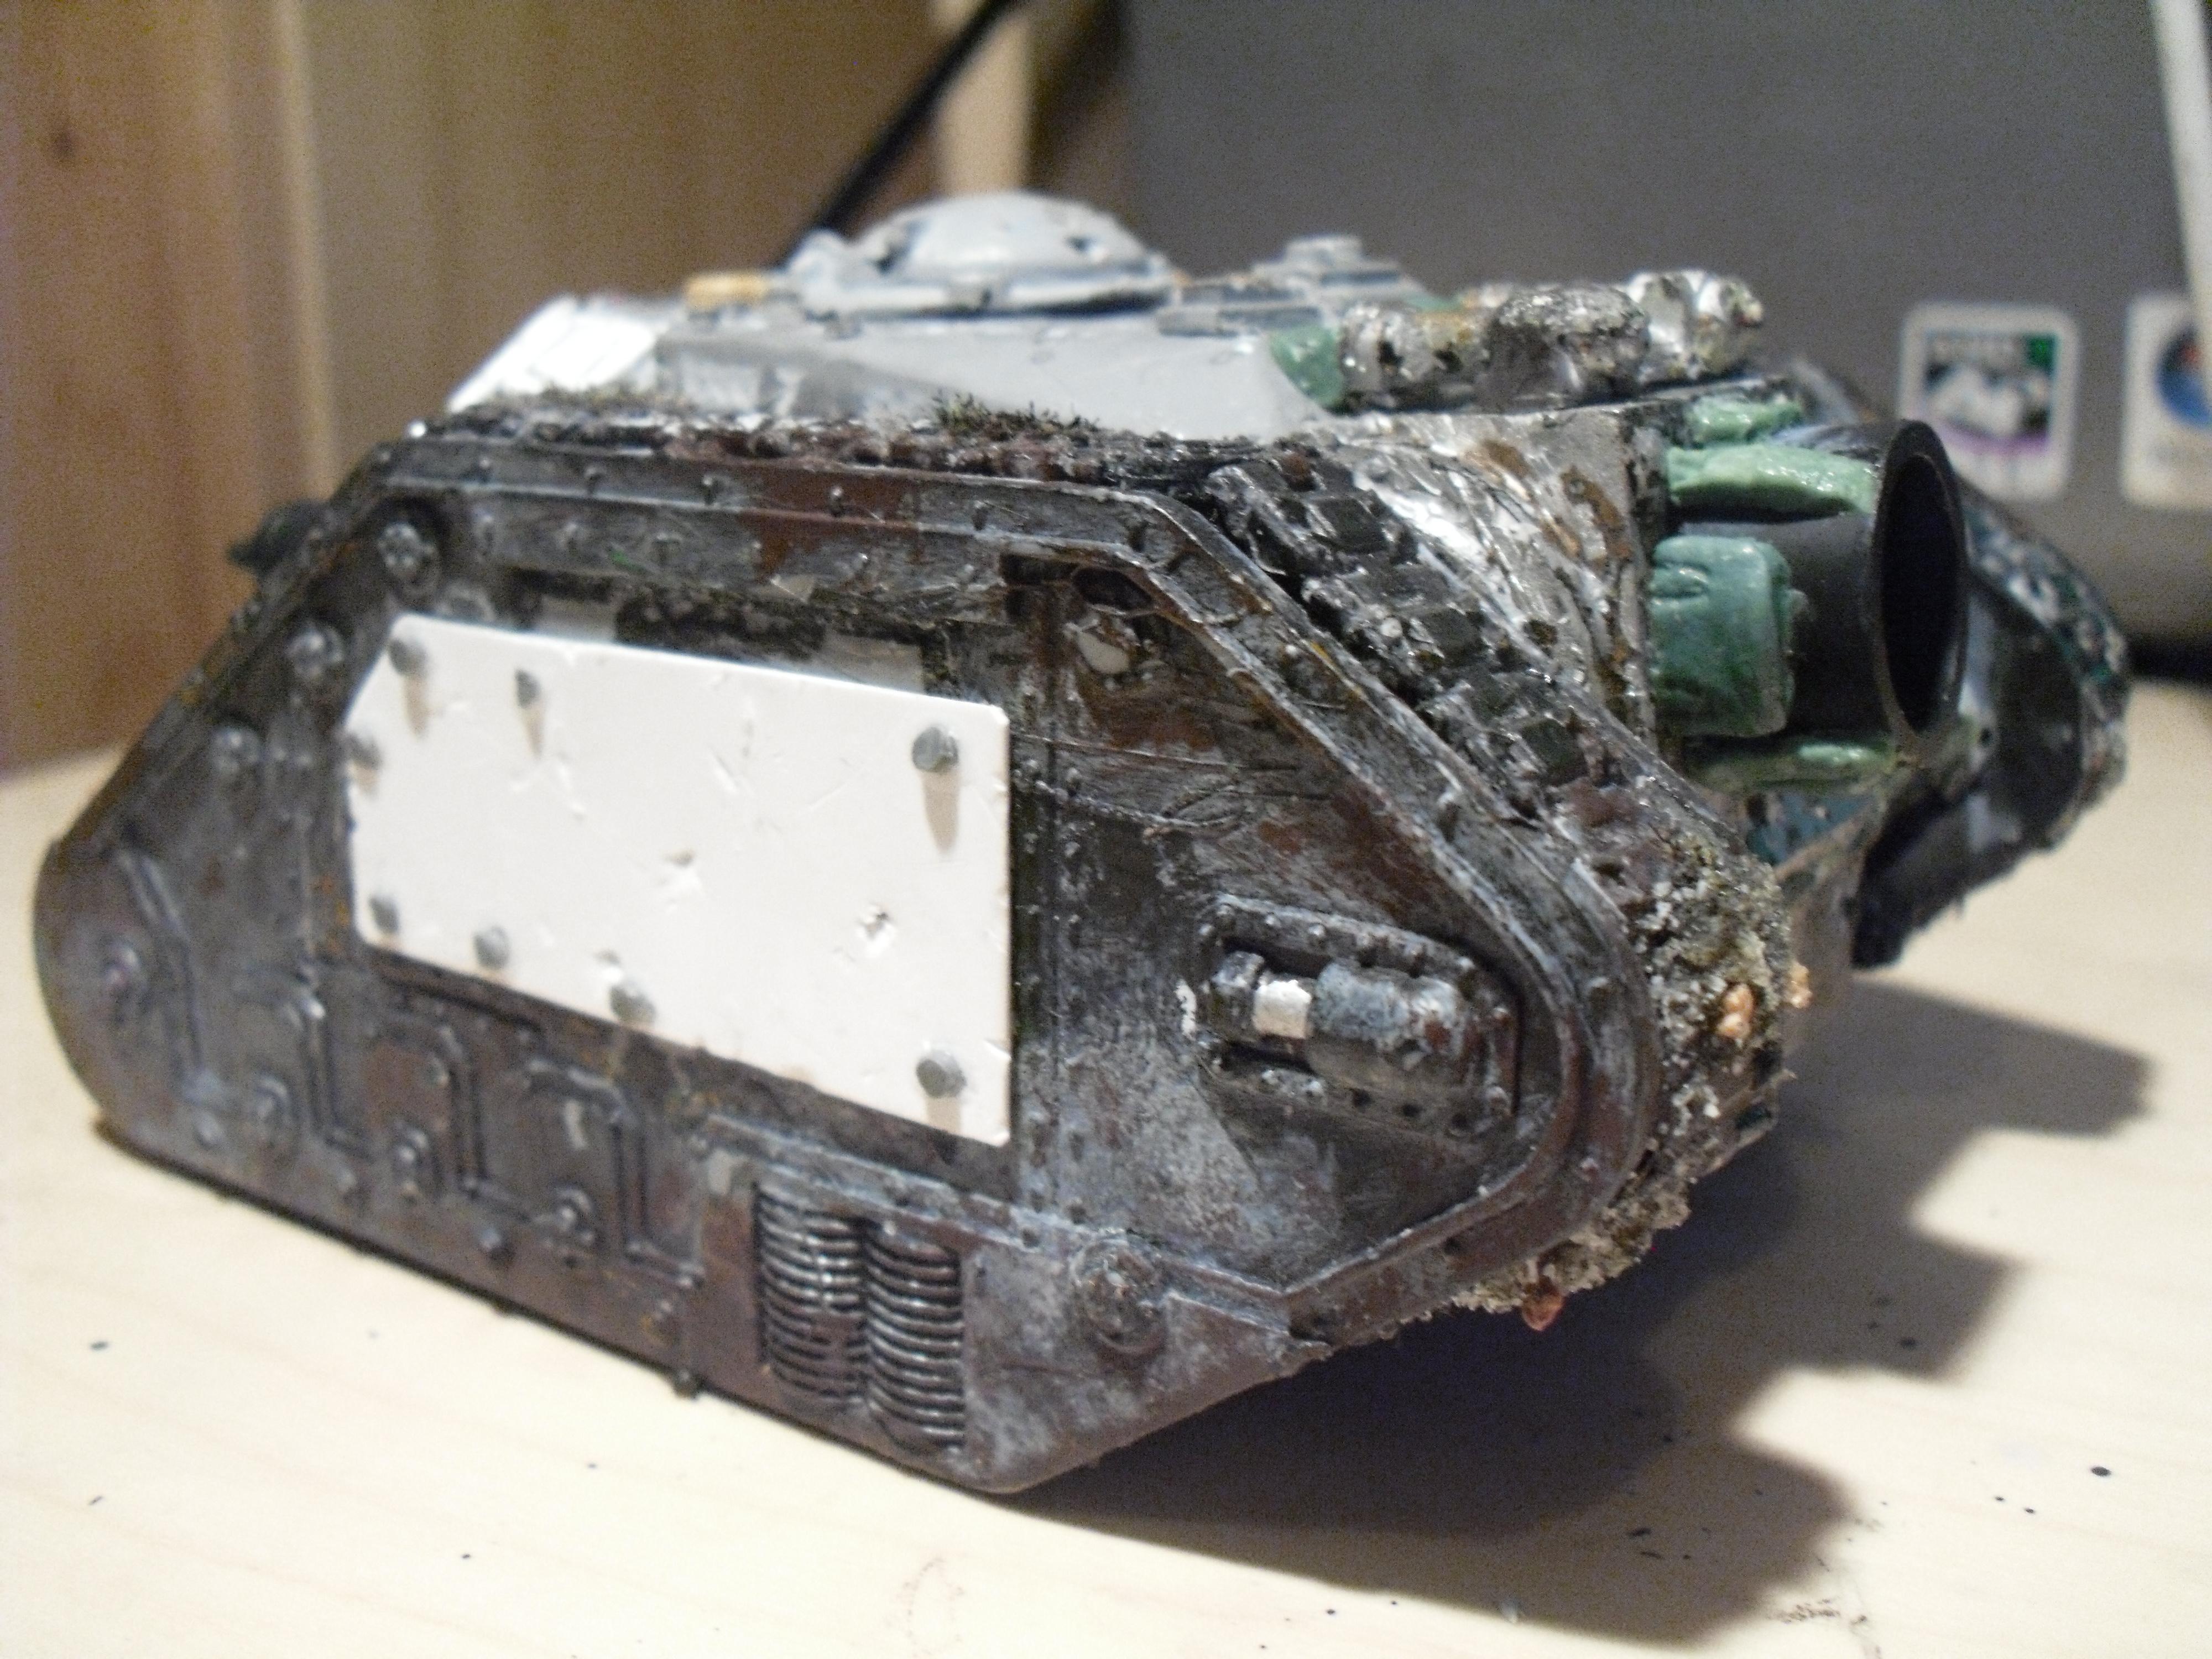 Demolisher, Imperial, Imperial Guard, Leman, Russ, Siege, Tank, Thunderer, Thunderer 03, Work In Progress